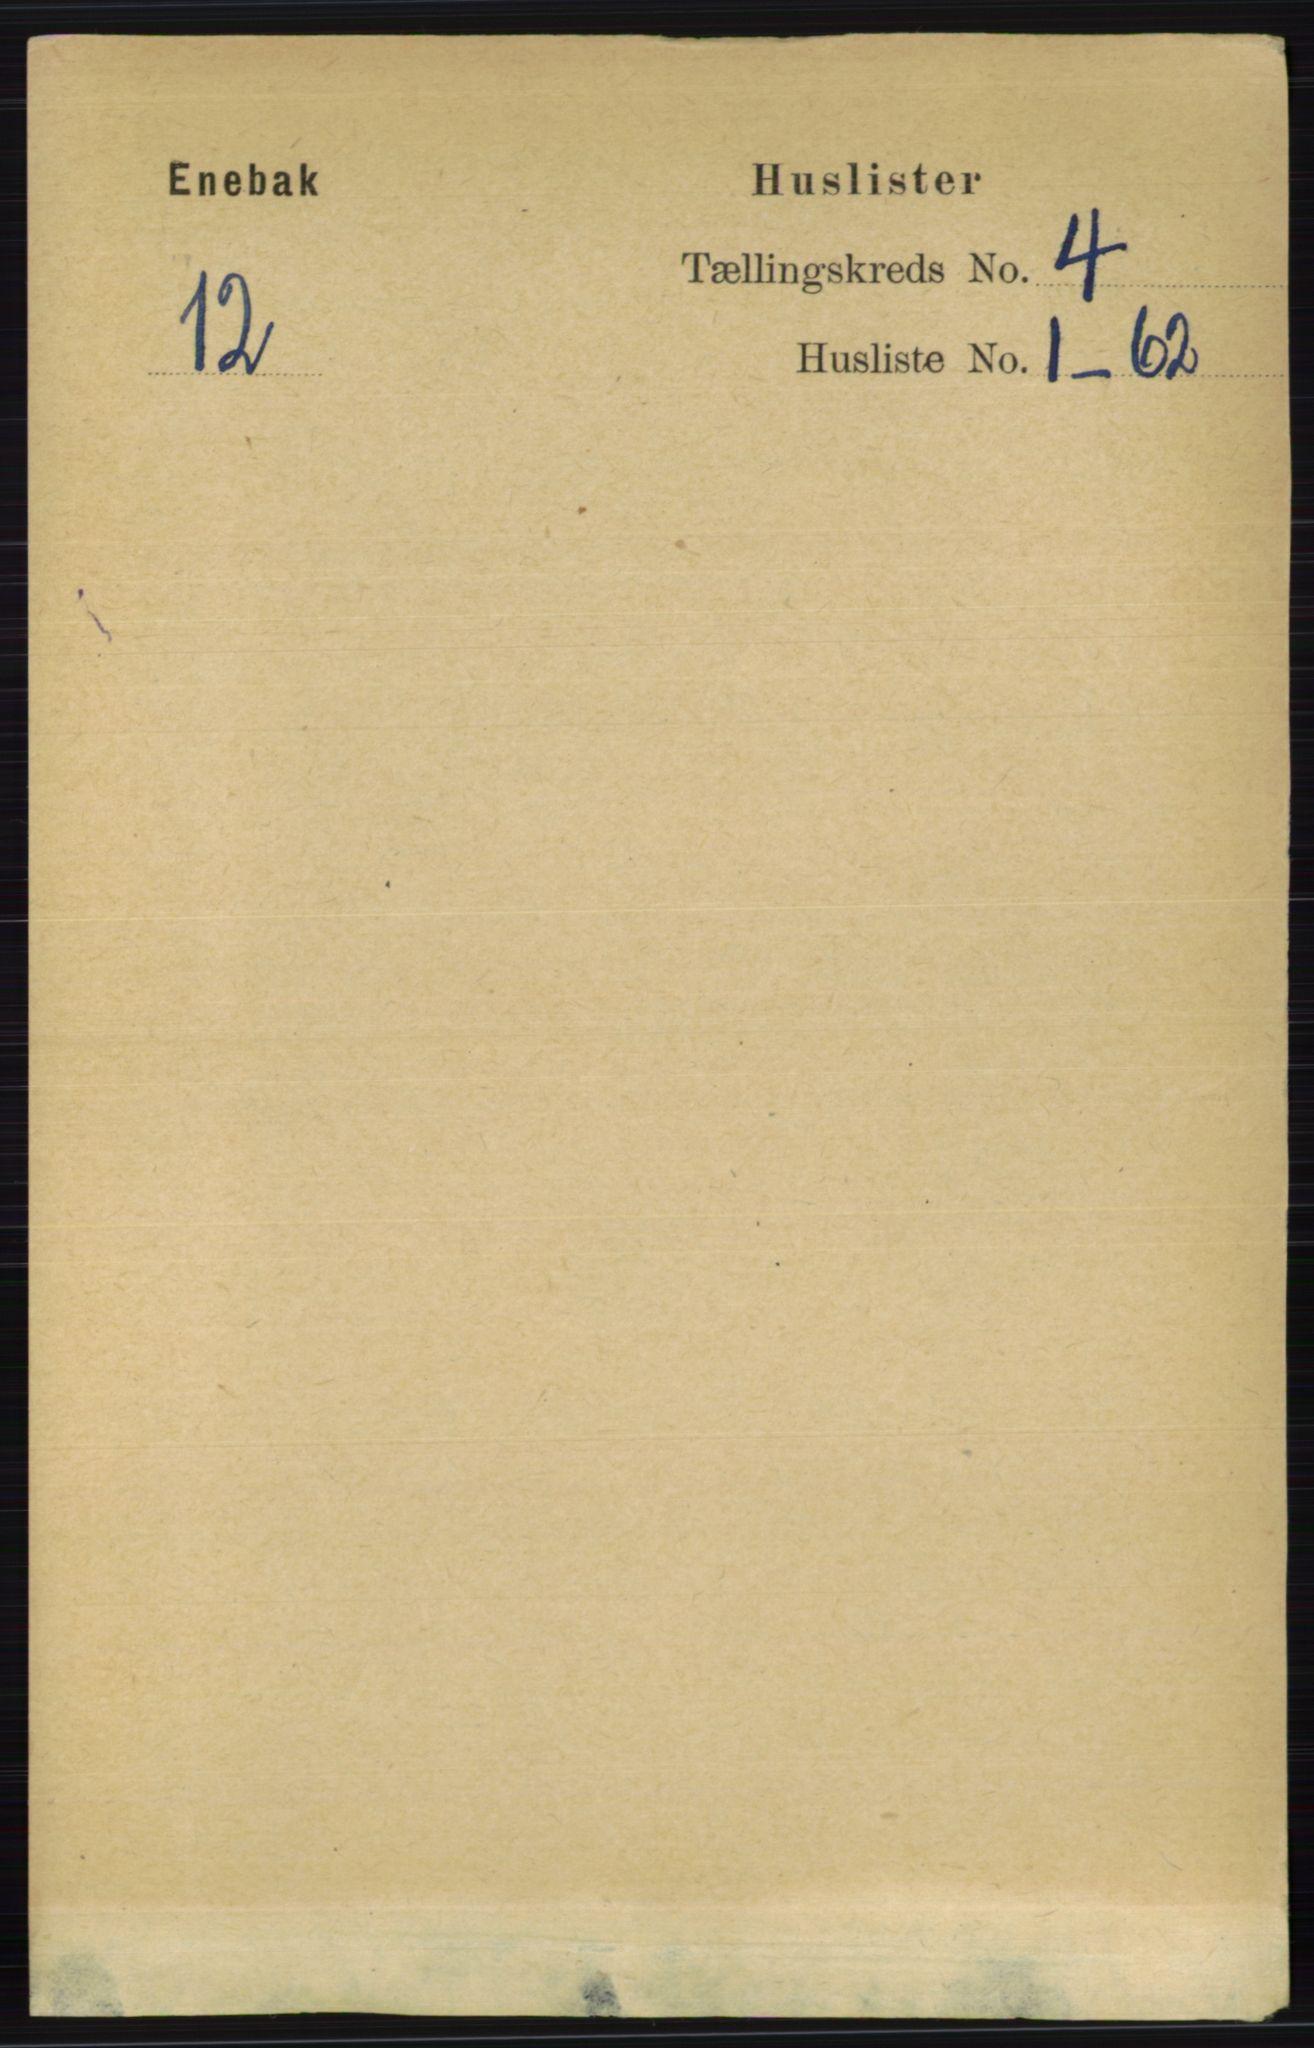 RA, Folketelling 1891 for 0229 Enebakk herred, 1891, s. 1410